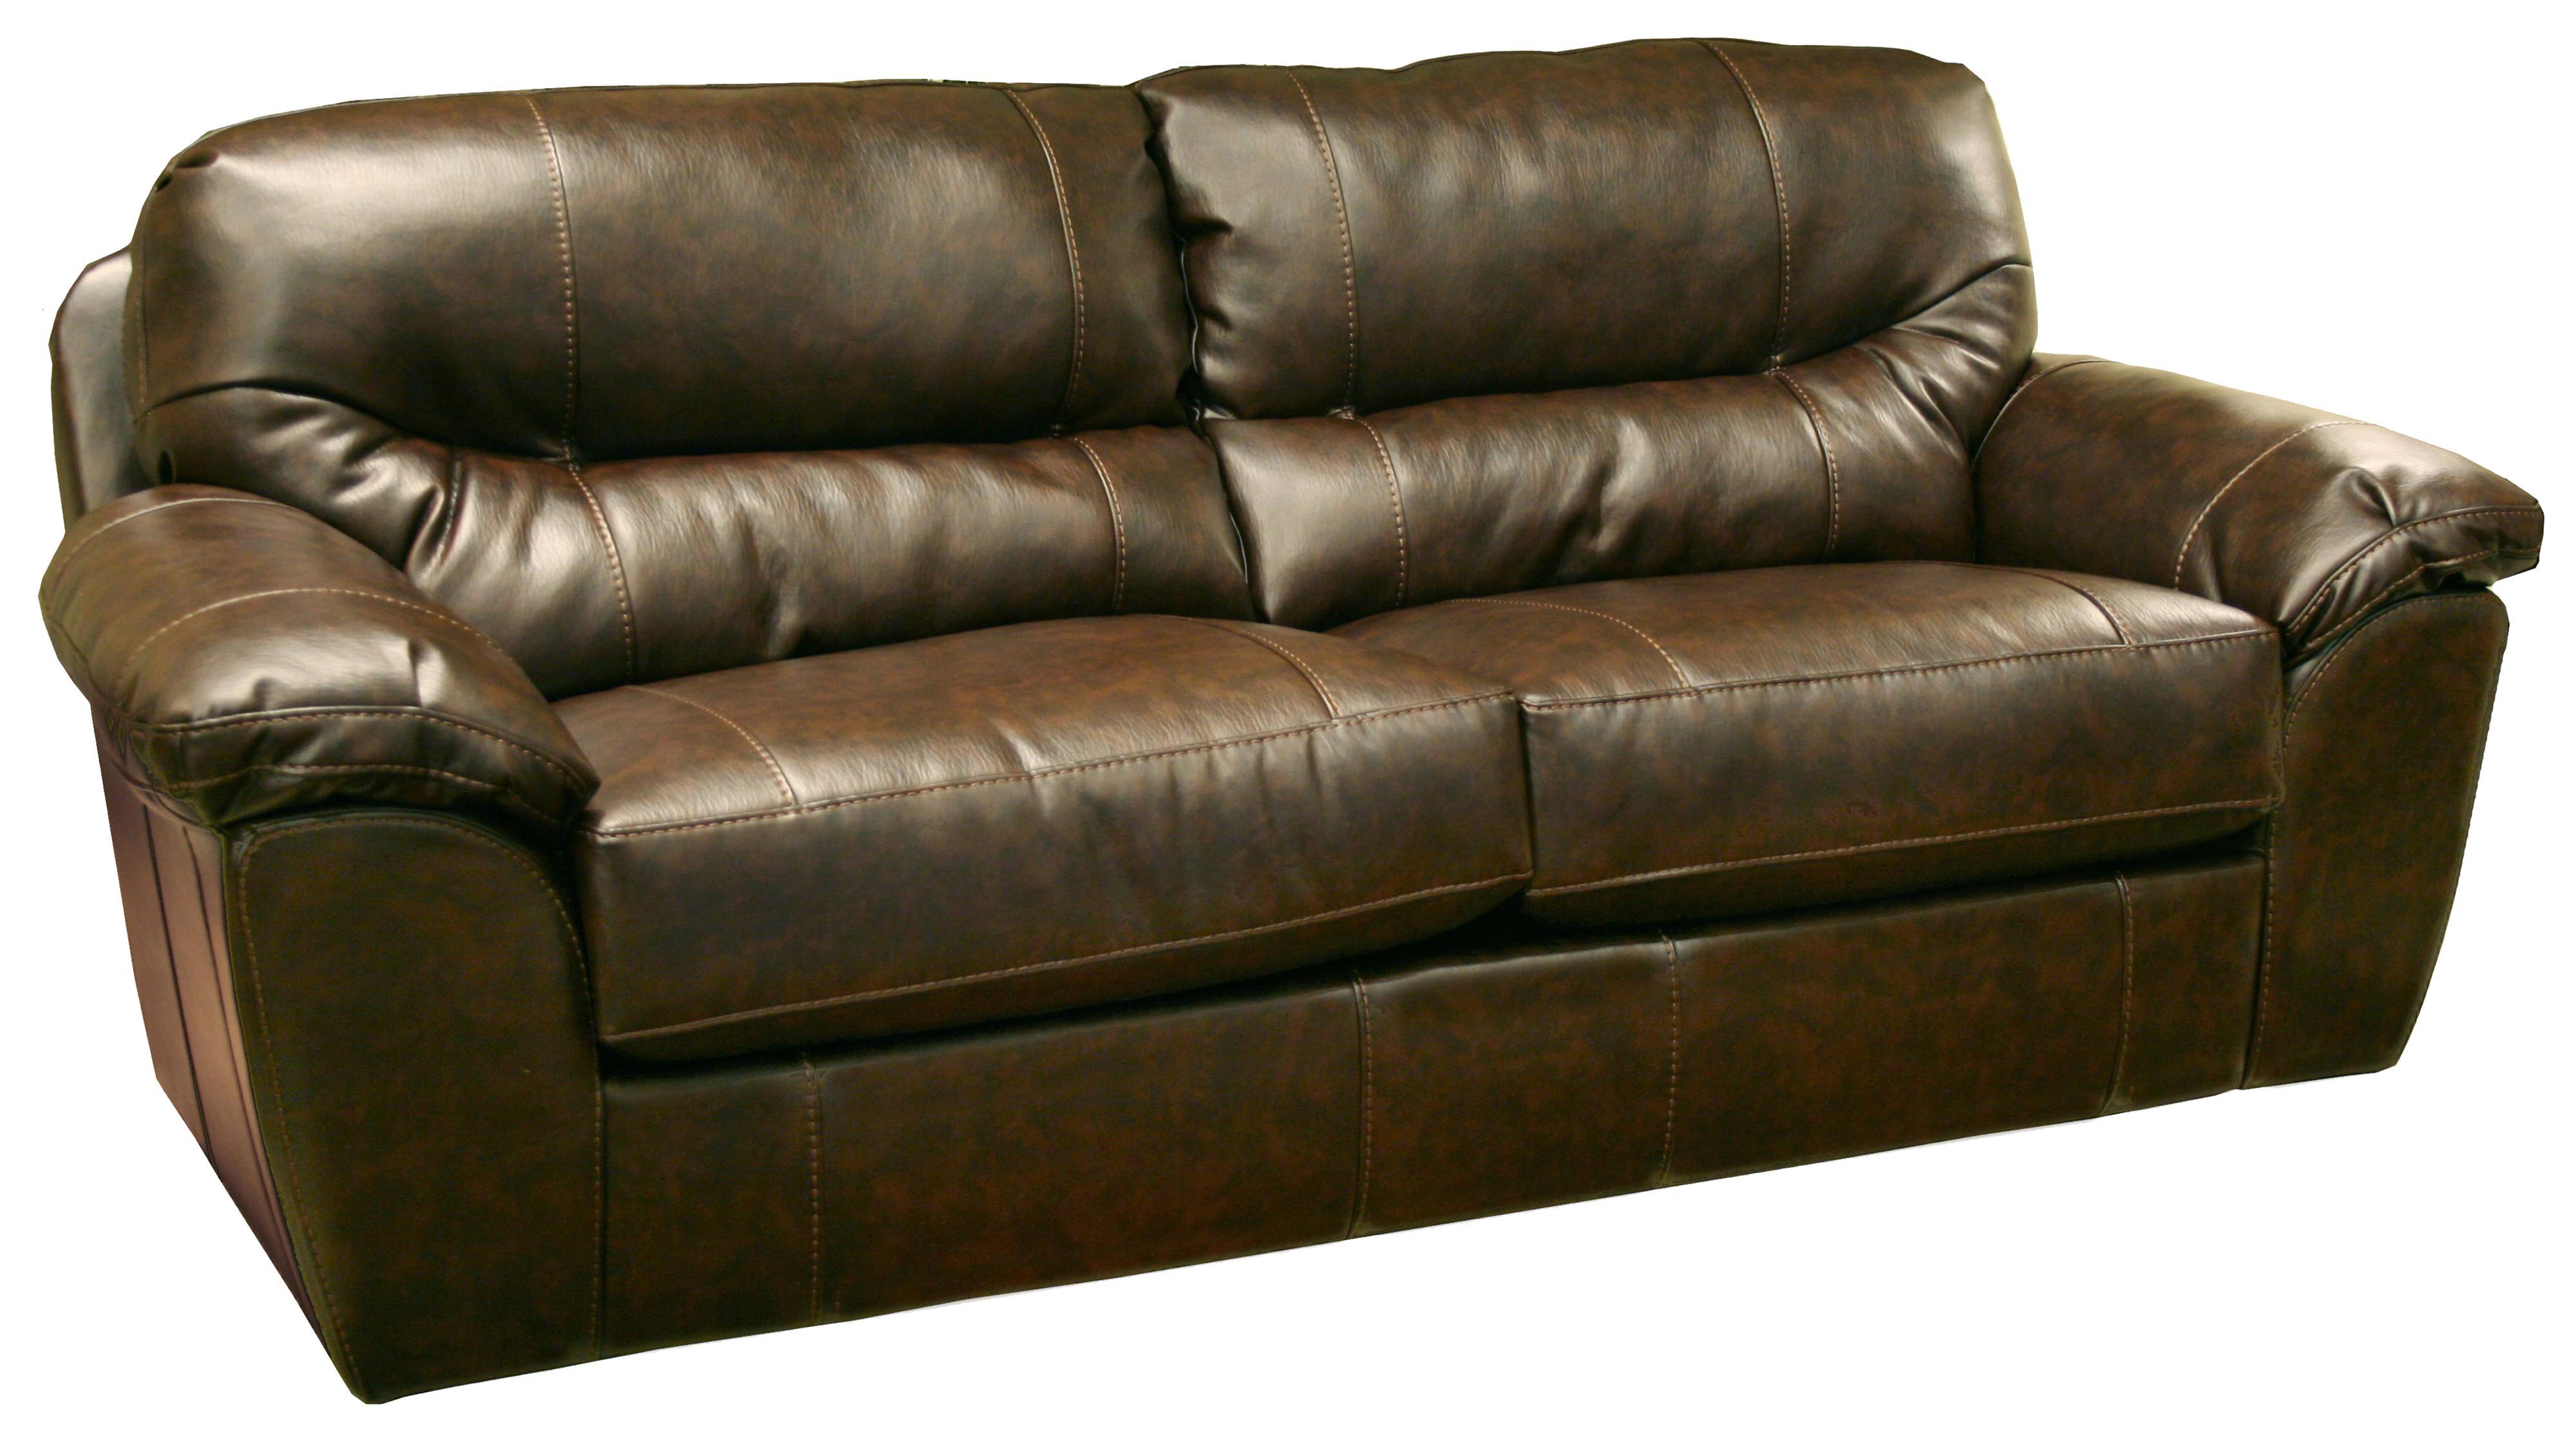 Jackson Furniture Brantley  Sofa Sleeper - Item Number: 4430-04 215-09/3015-09